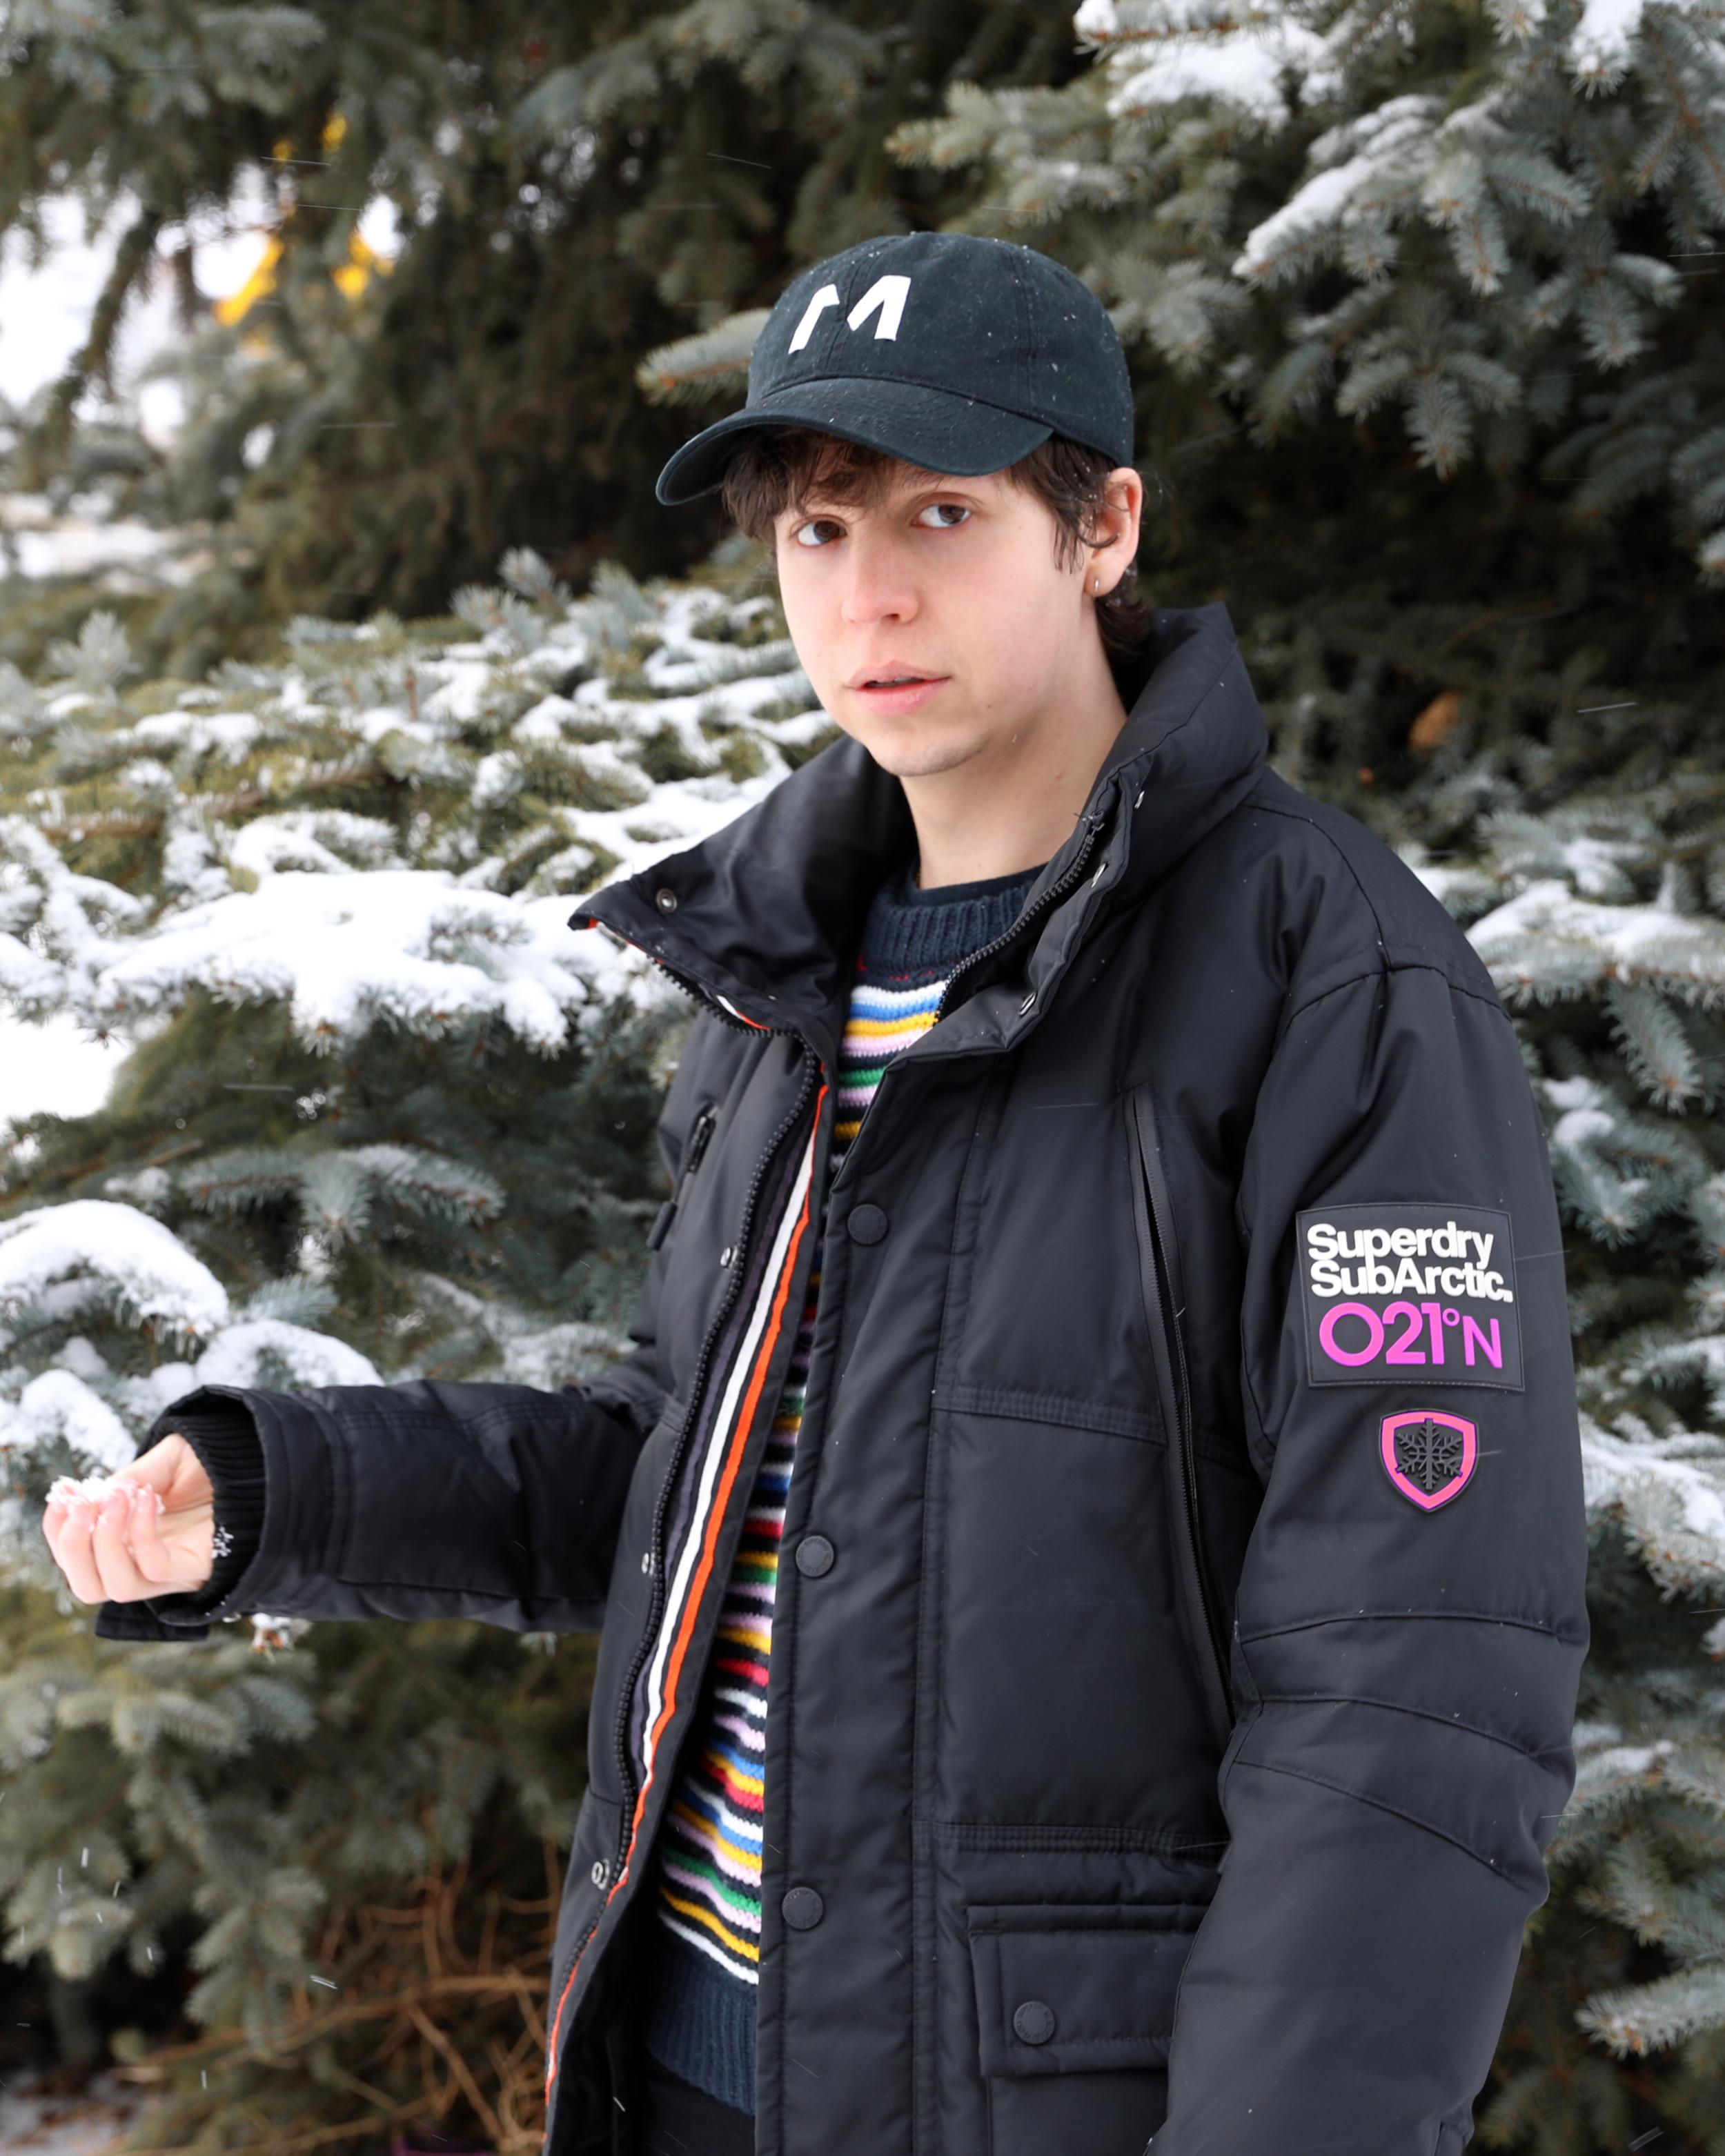 utah me in front of tree pink jacket.png